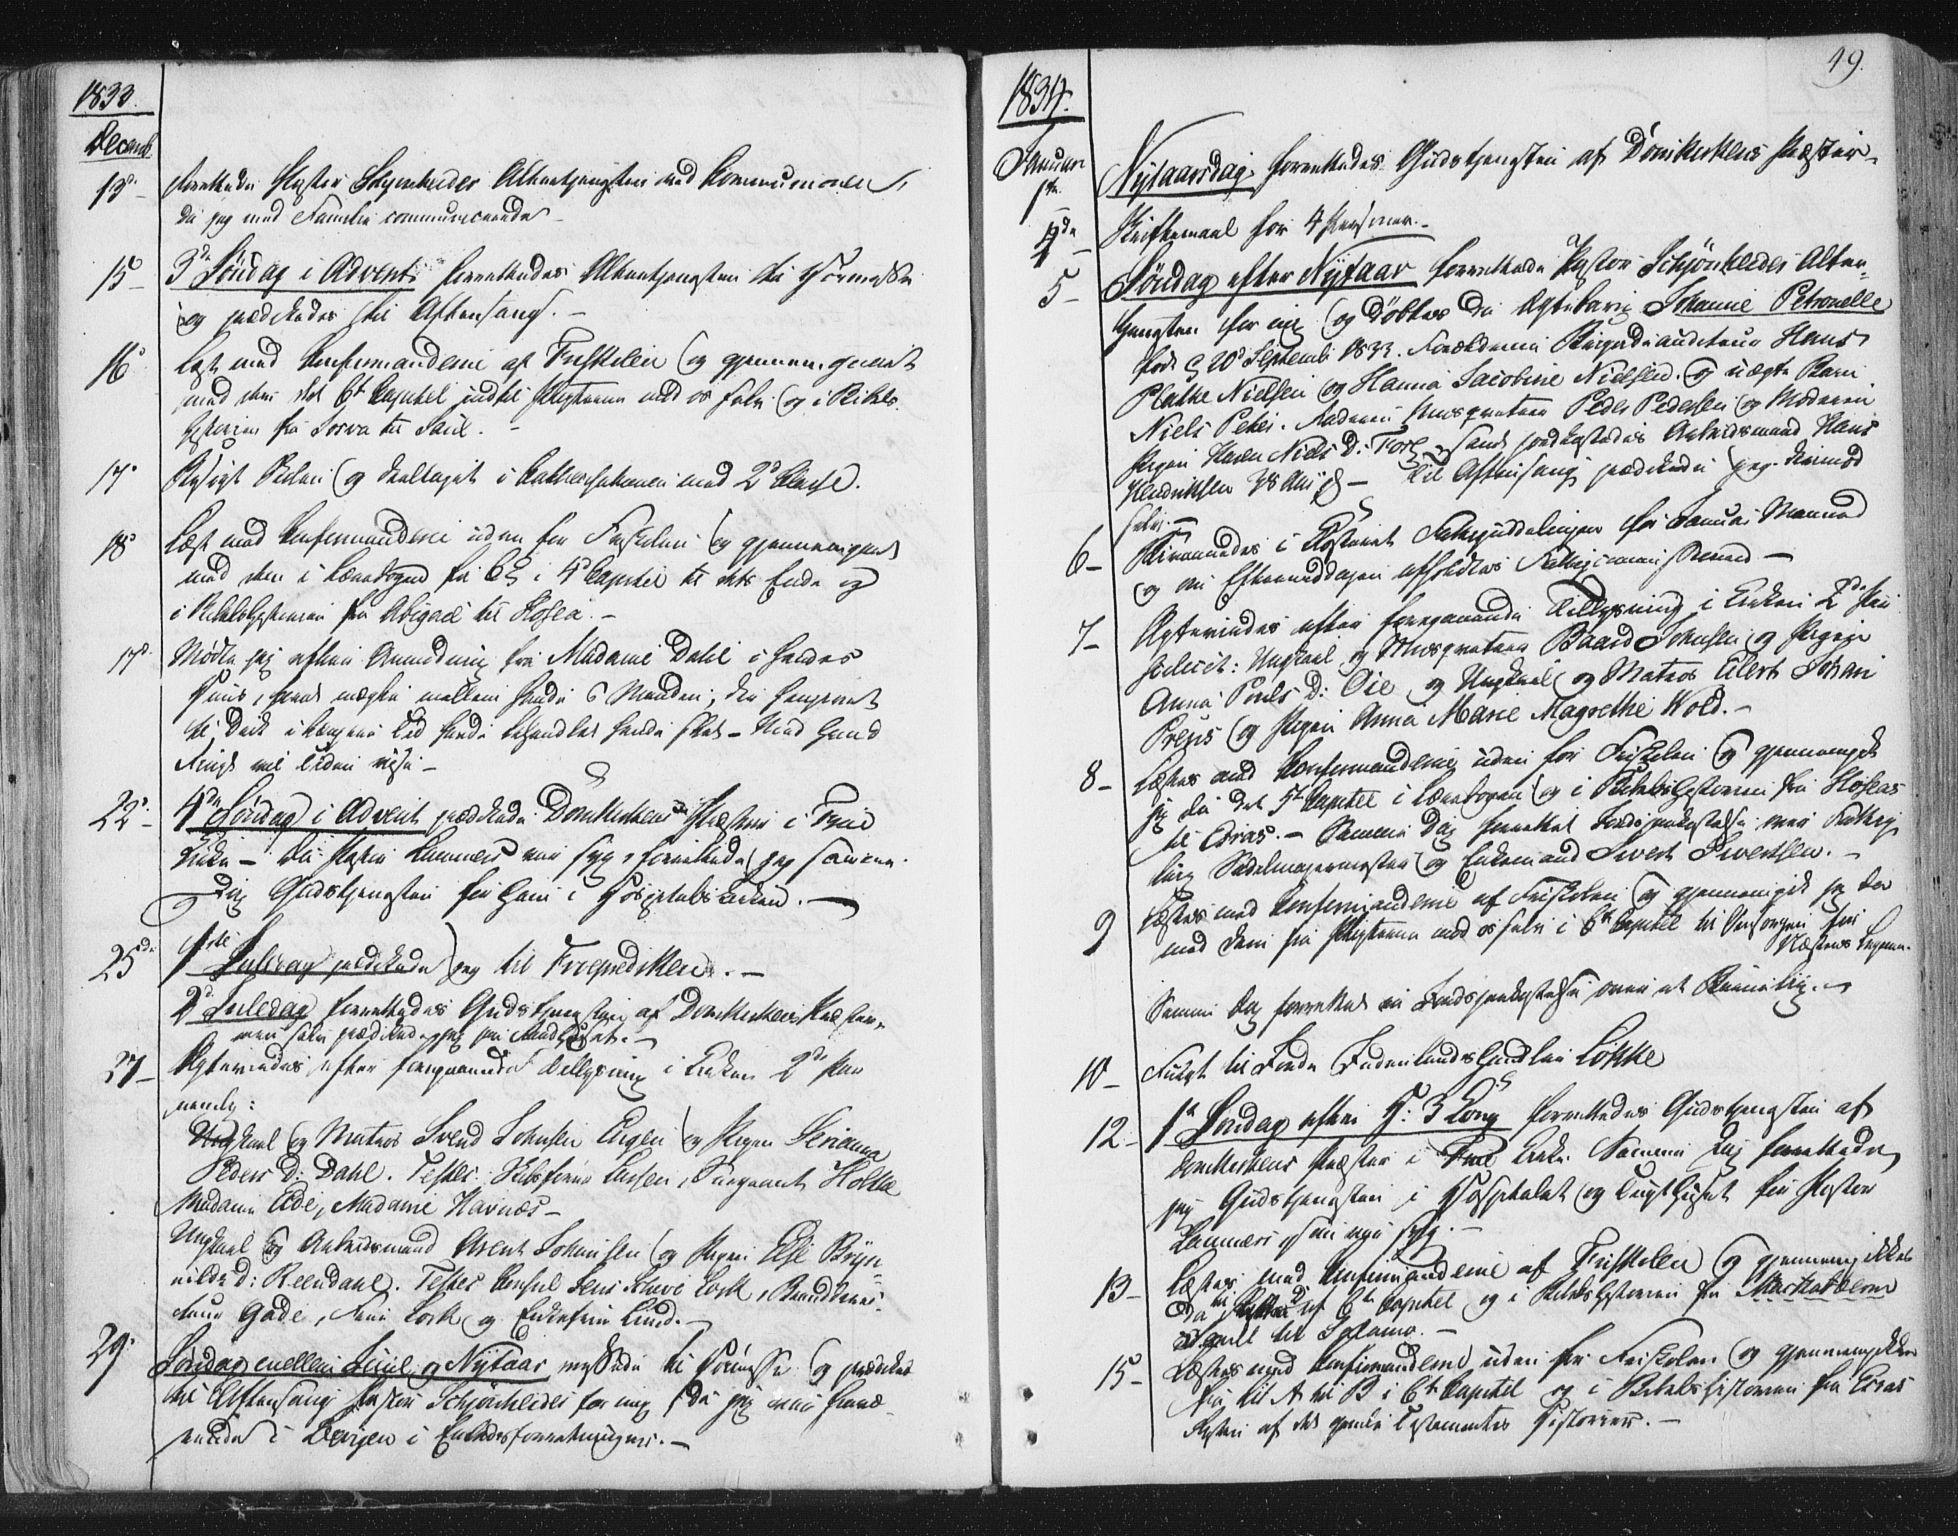 SAT, Ministerialprotokoller, klokkerbøker og fødselsregistre - Sør-Trøndelag, 602/L0127: Residerende kapellans bok nr. 602B01, 1821-1875, s. 49